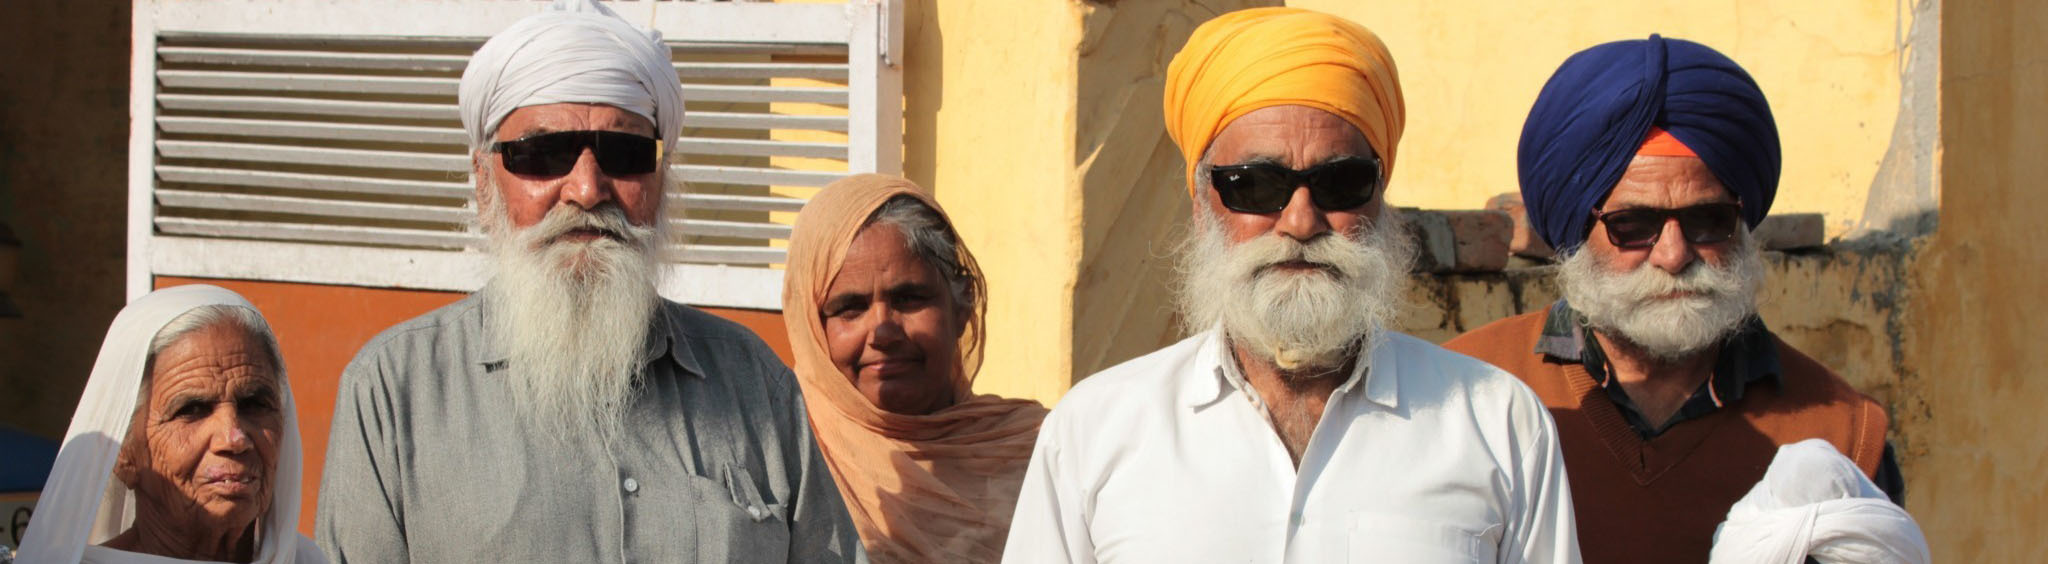 Dorfbewohner aus Jerga in Indien an der Grenze zu Pakistan